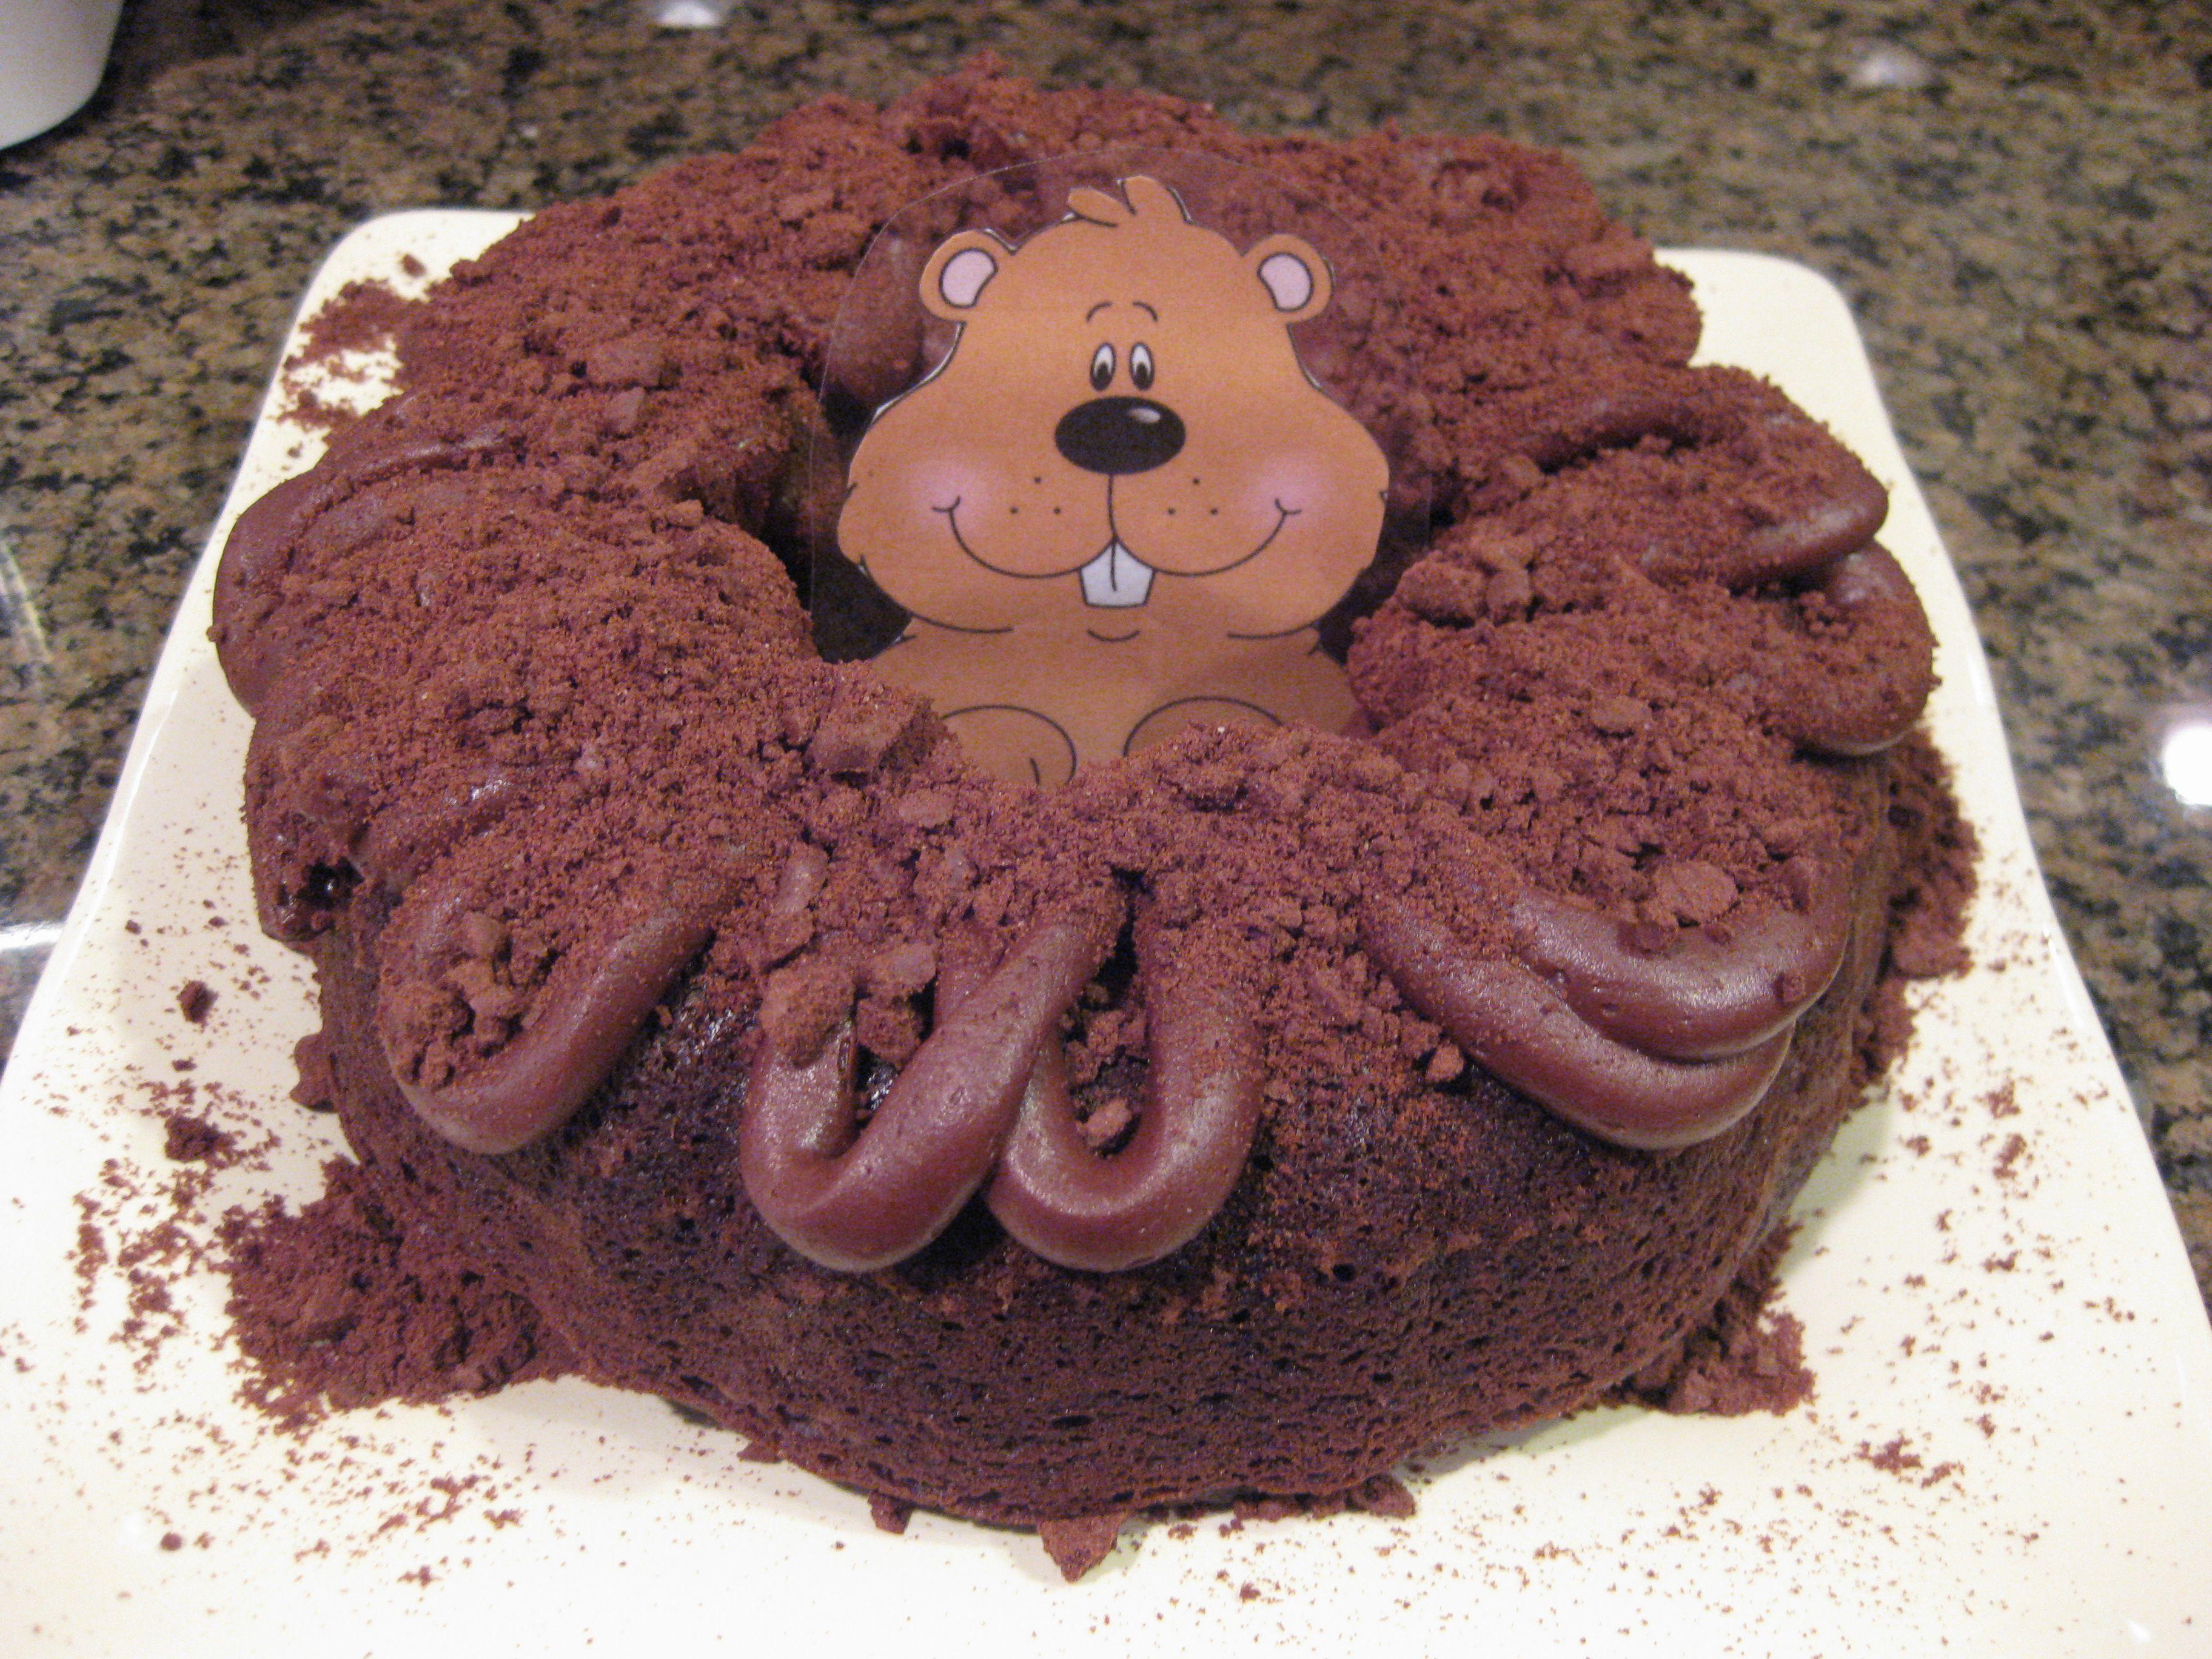 Groundhog Cake Christina Shrimplin For Danny